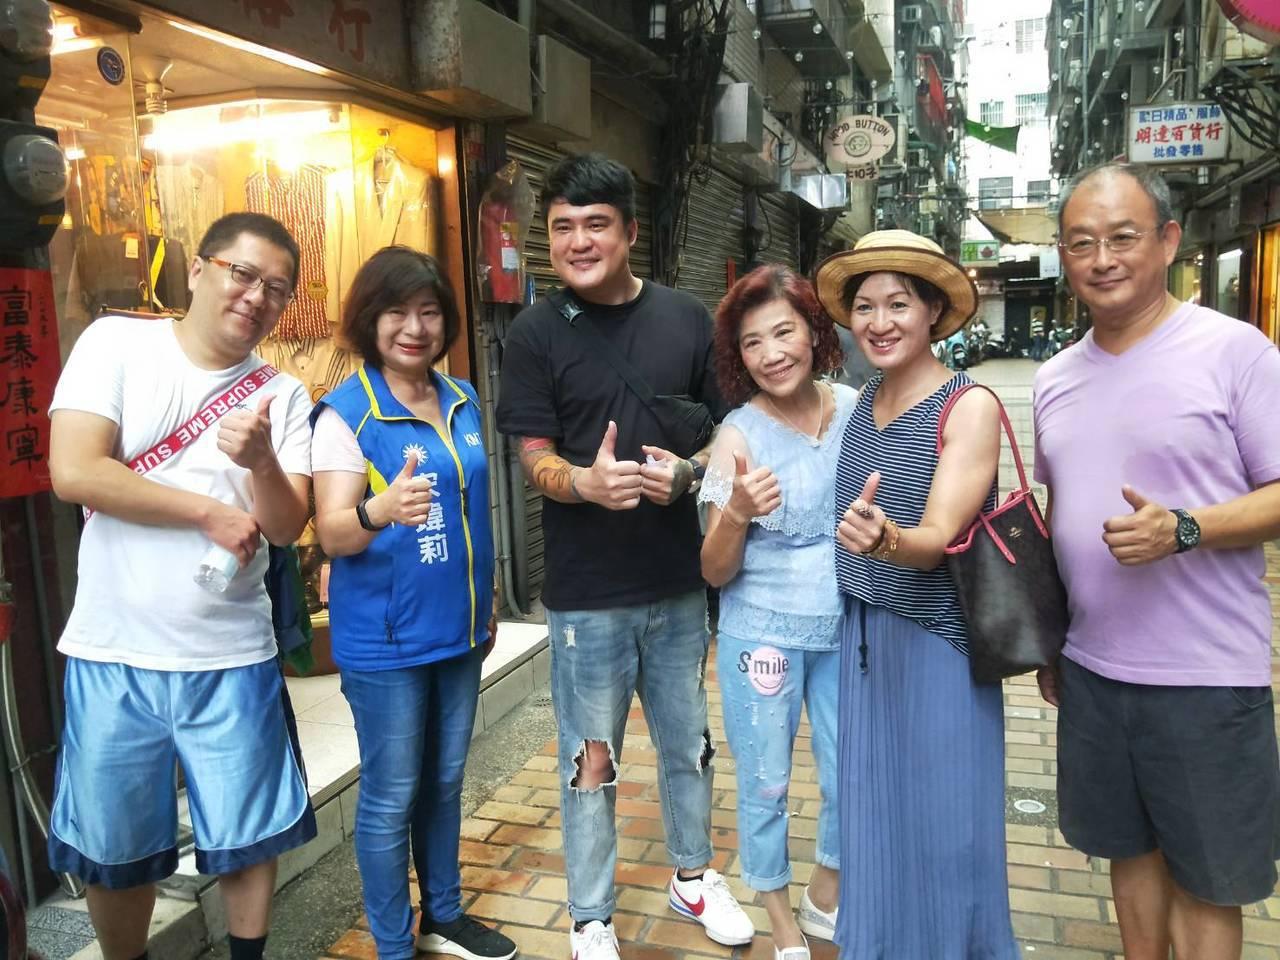 單親媽養大的陳韋強,曾獲家扶幫助,他全台義賣漢堡,還手刺母親畫像,為了感謝恩情。...